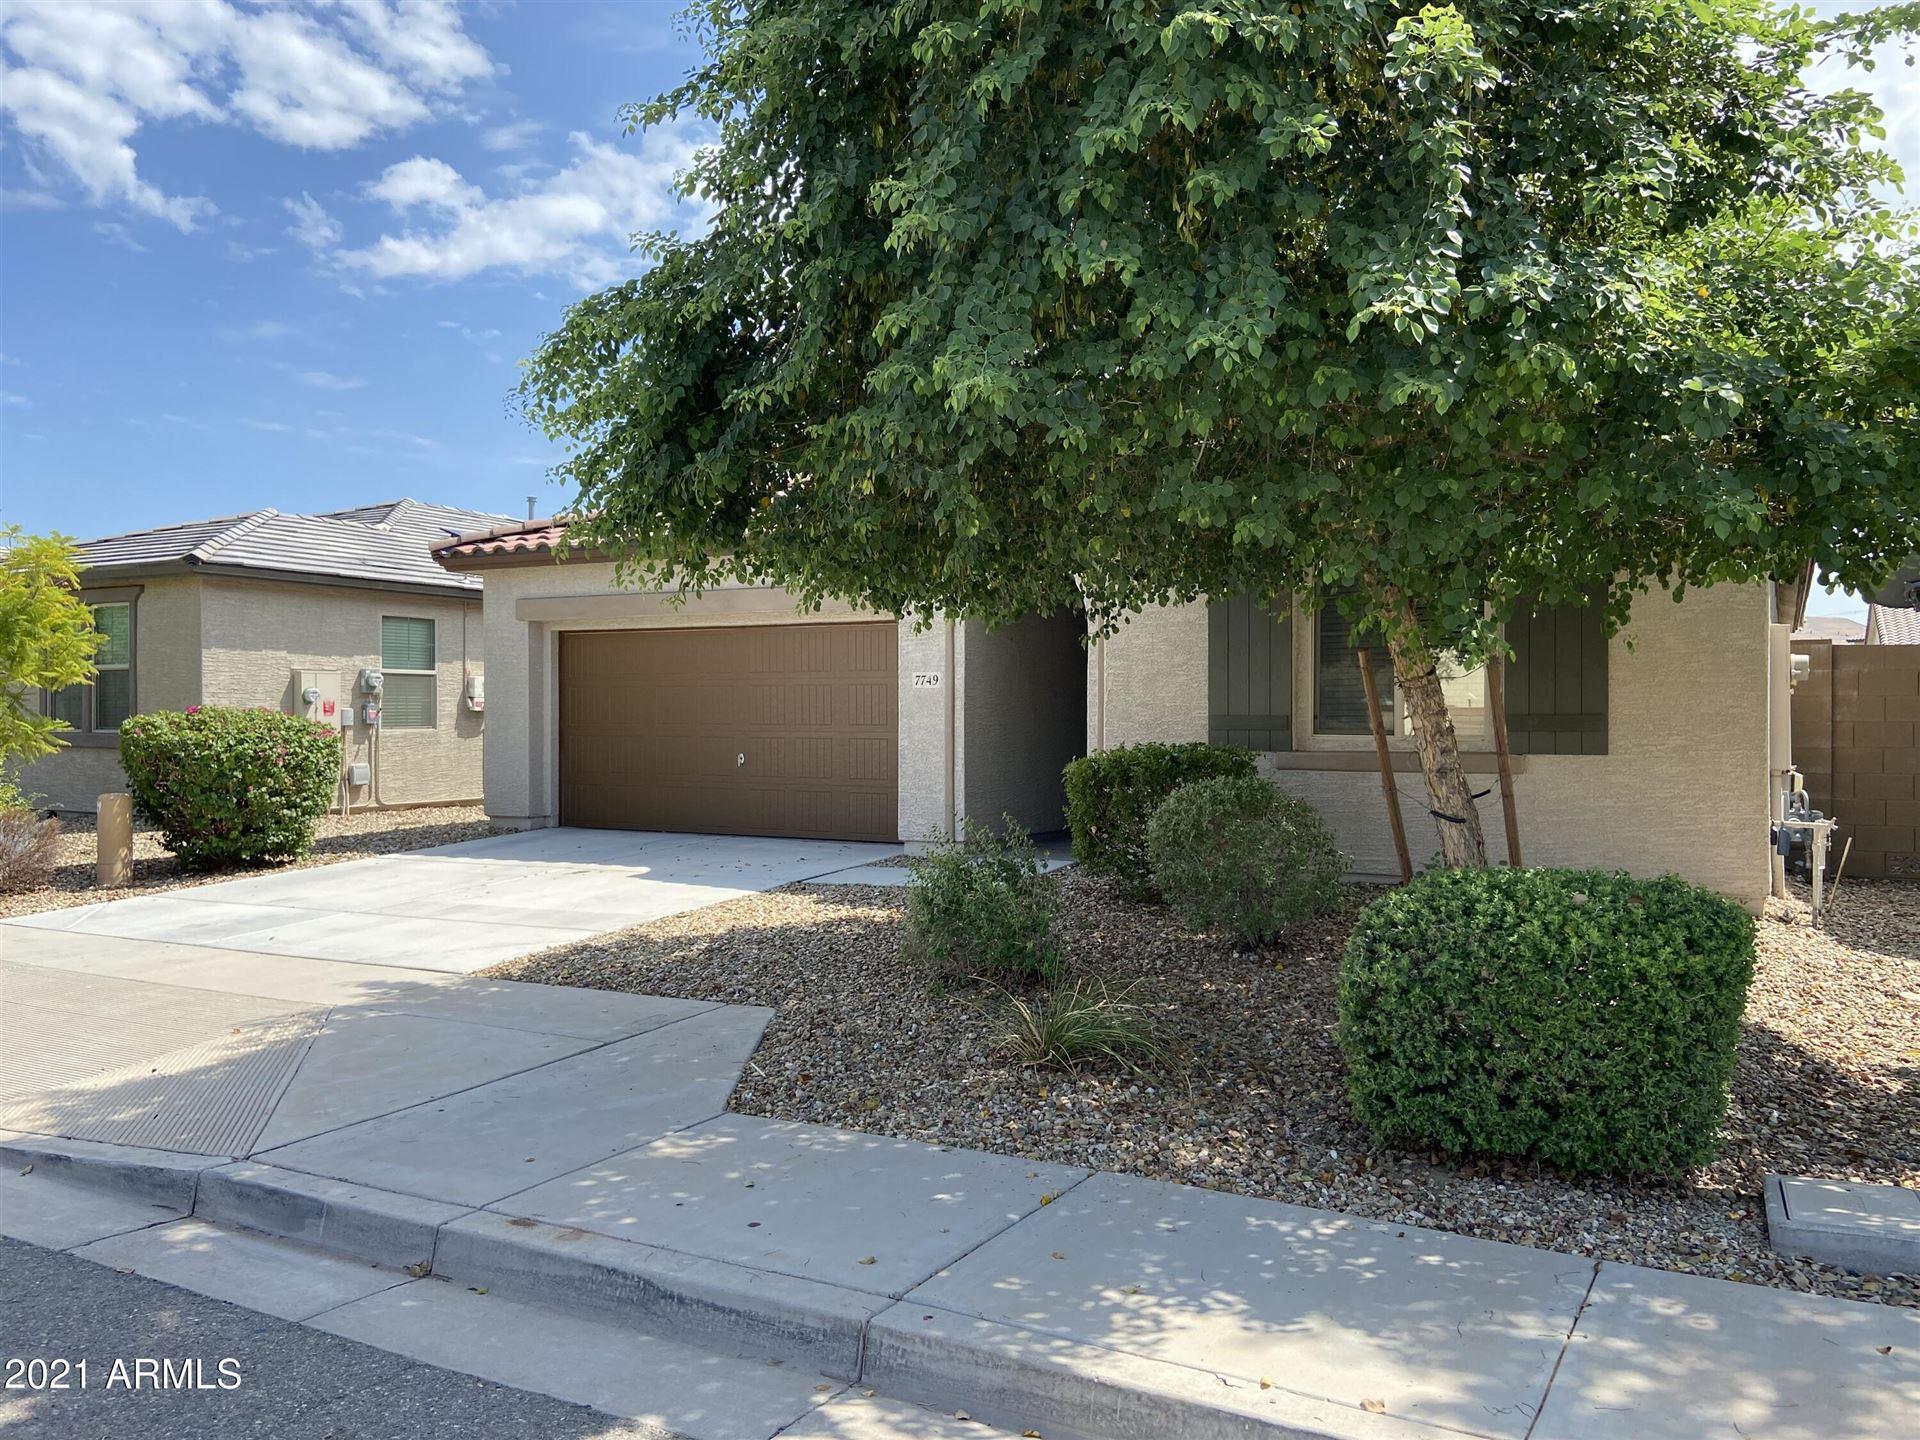 Photo of 7749 W GLASS Lane, Laveen, AZ 85339 (MLS # 6289961)